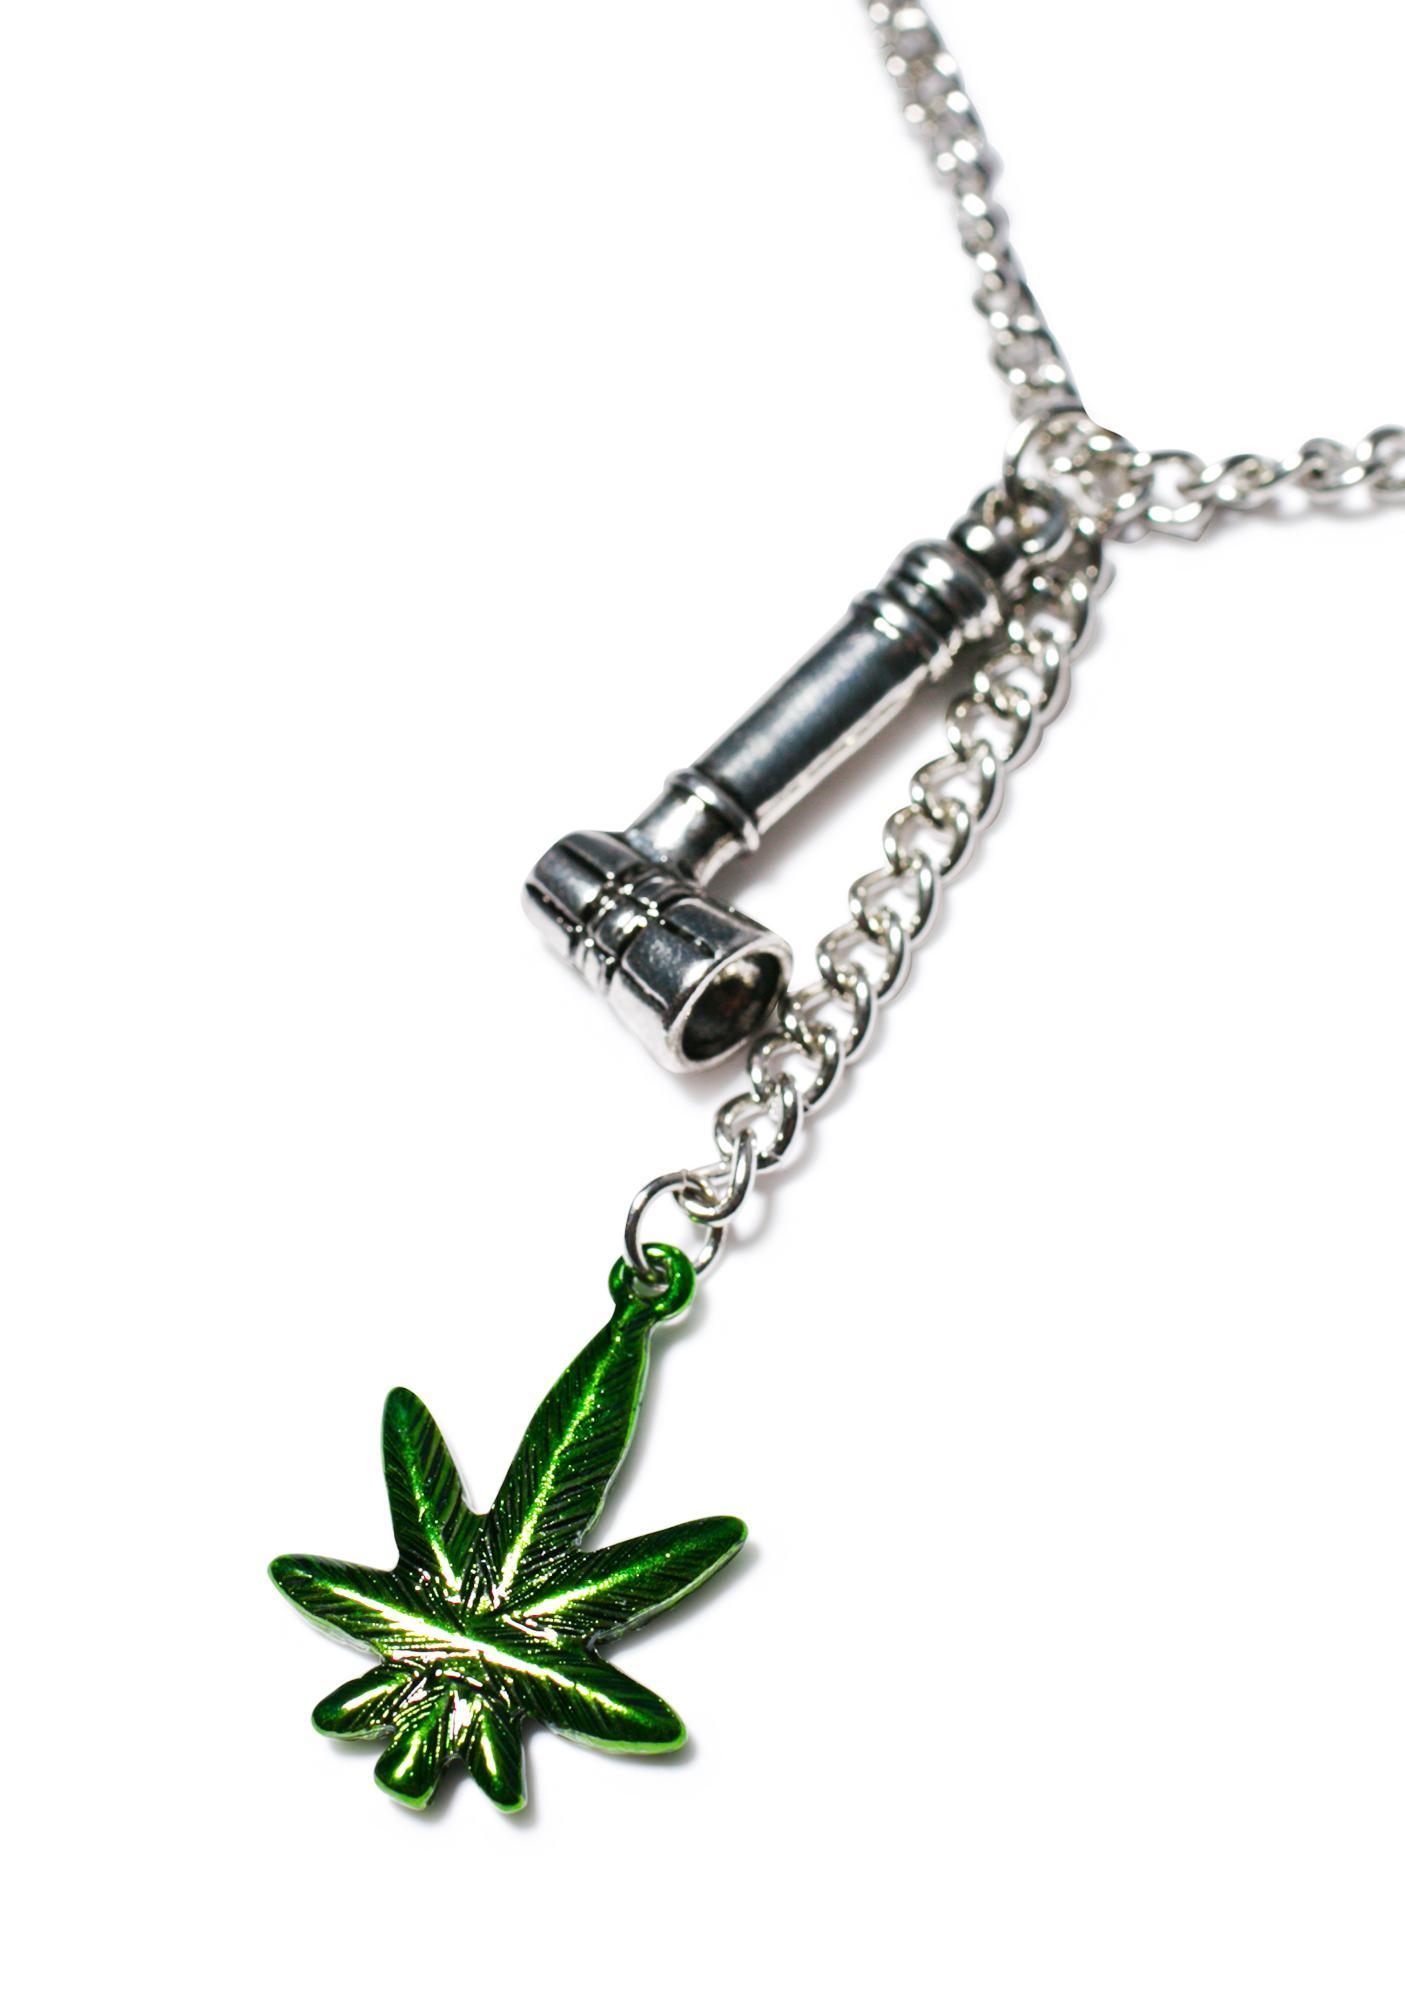 Poke Smot Necklace